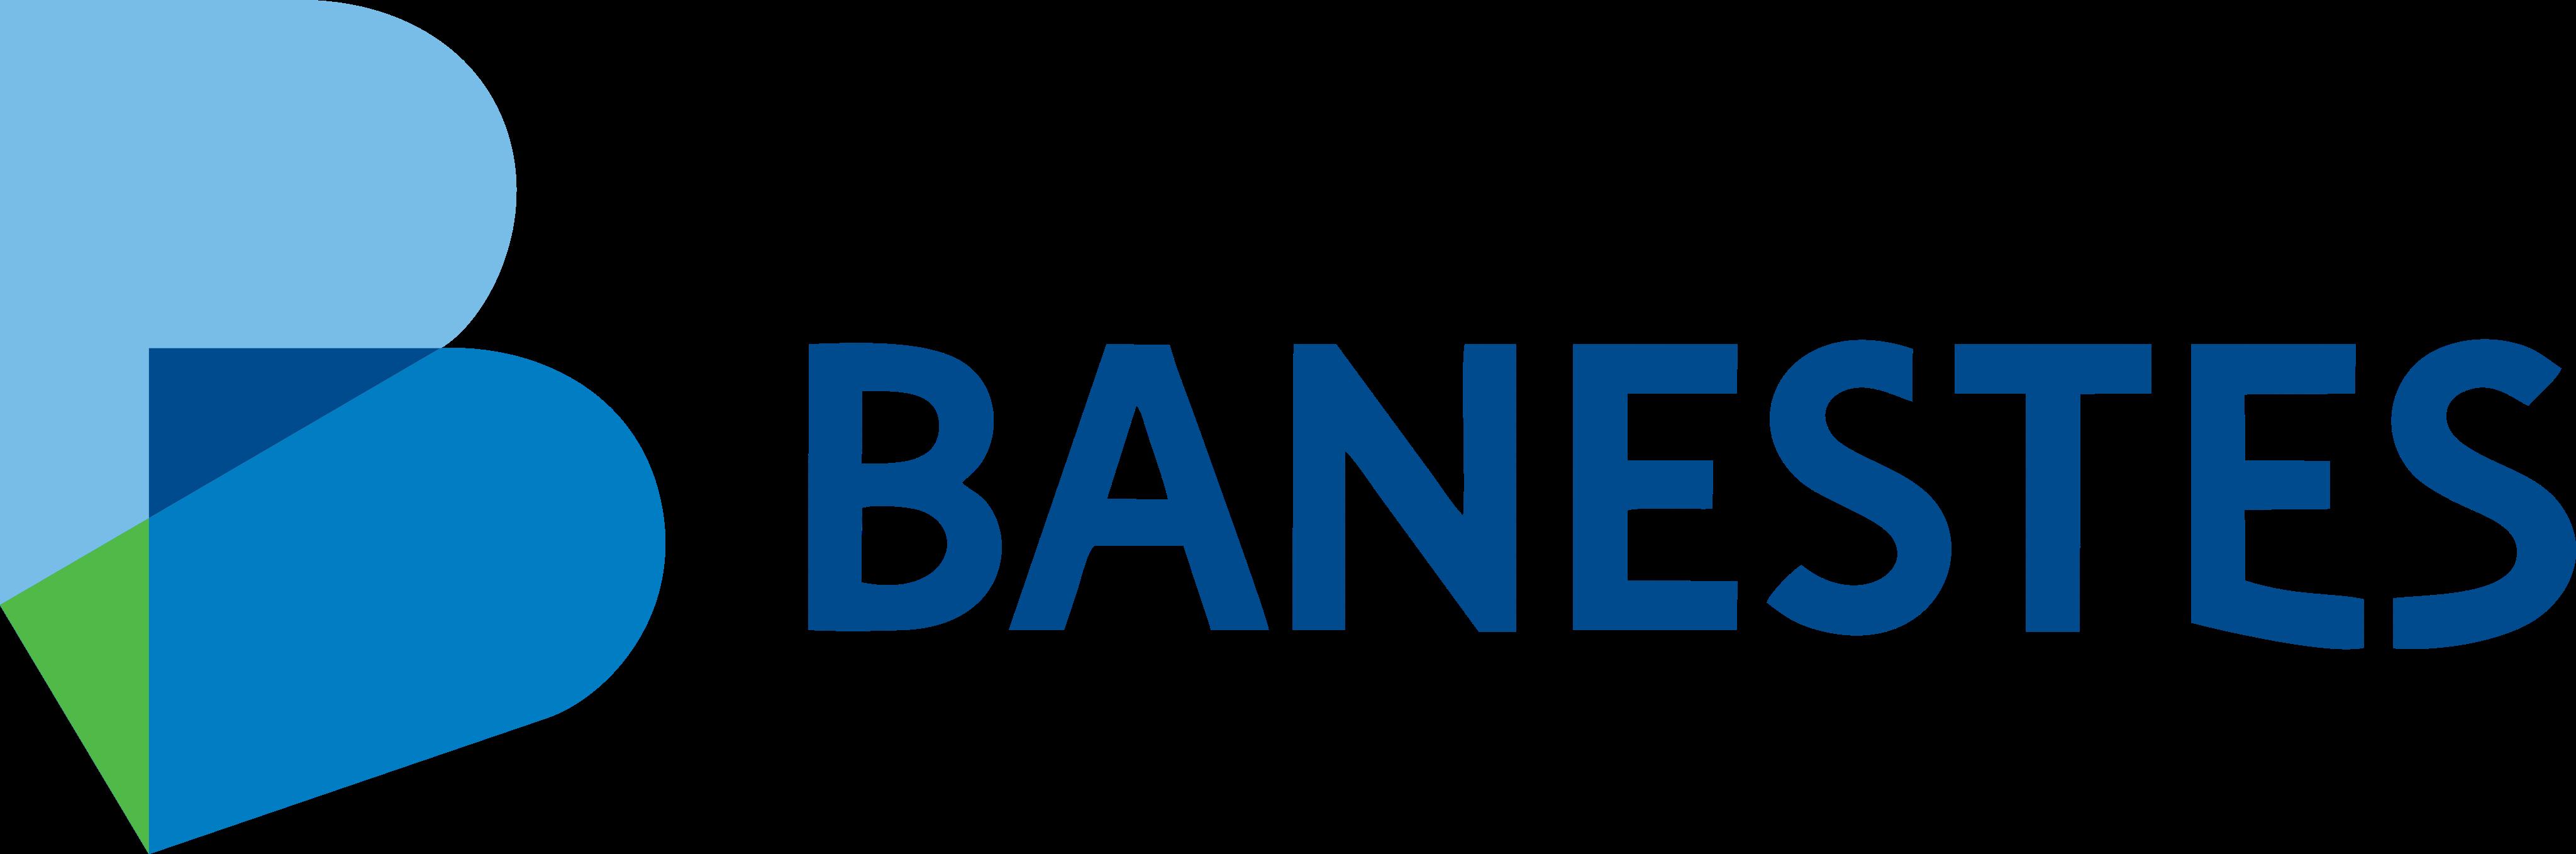 Banestes Logo.